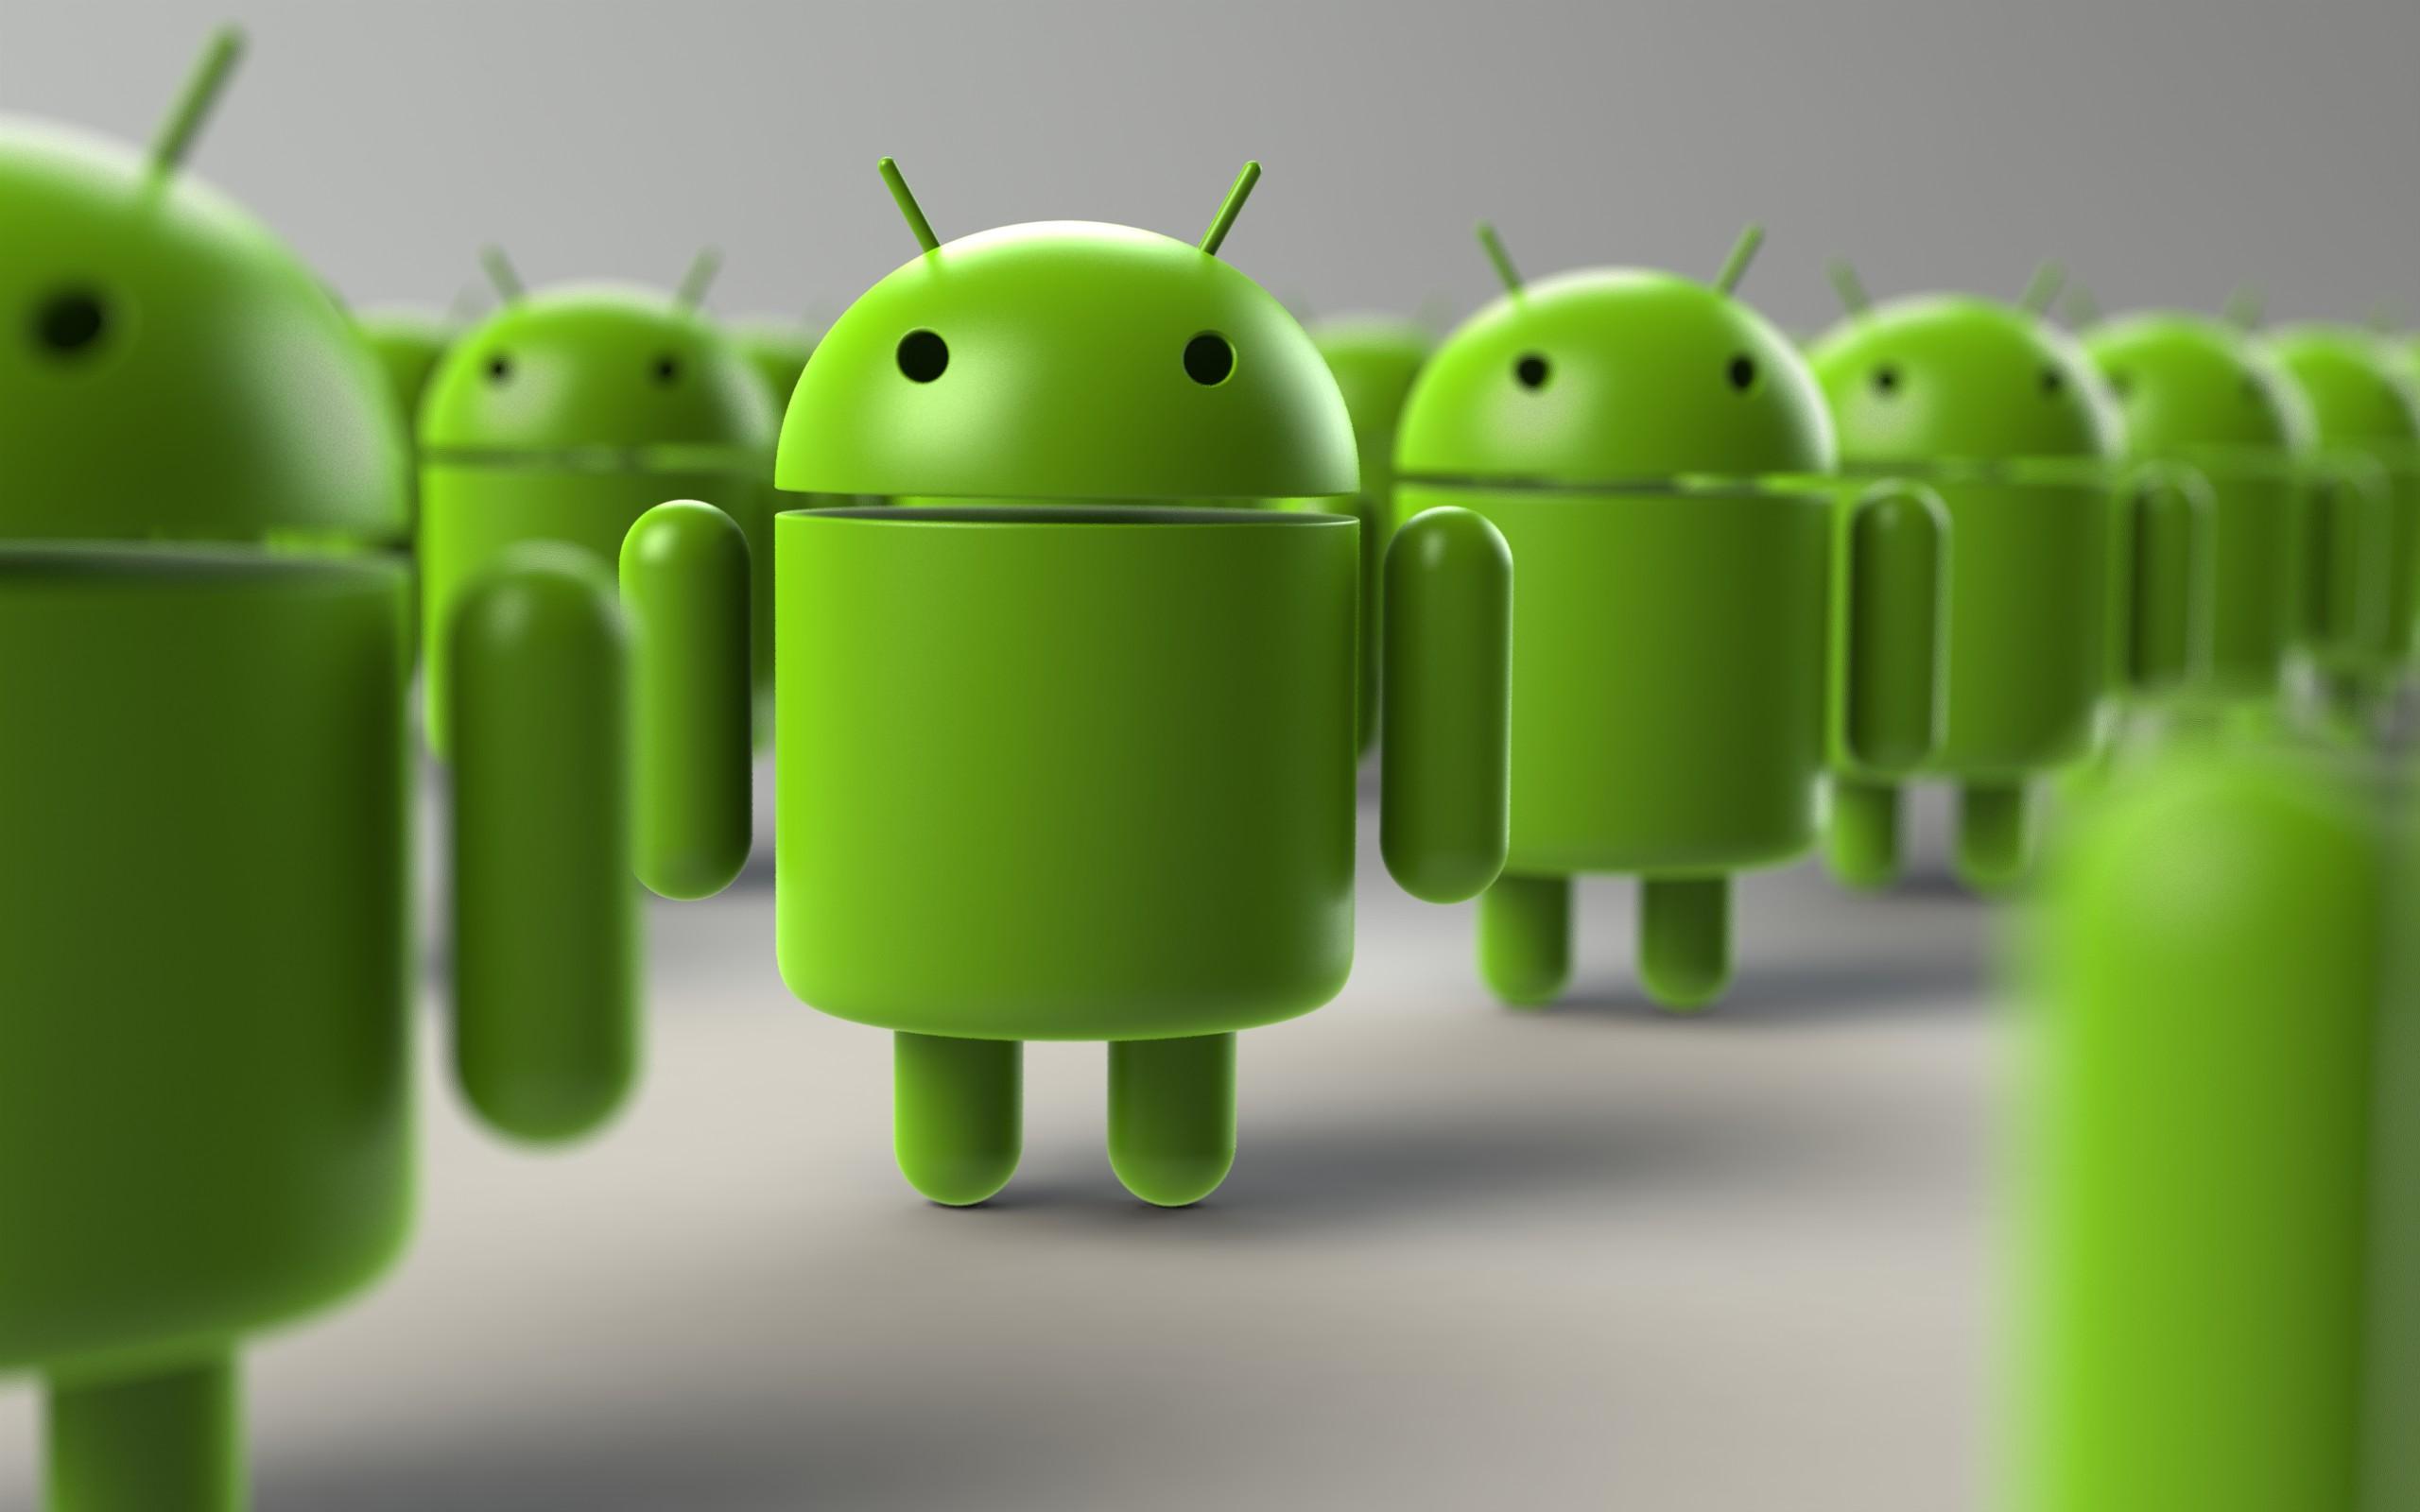 Преимущества смартфонов на чистой ОС Android - армия андроид